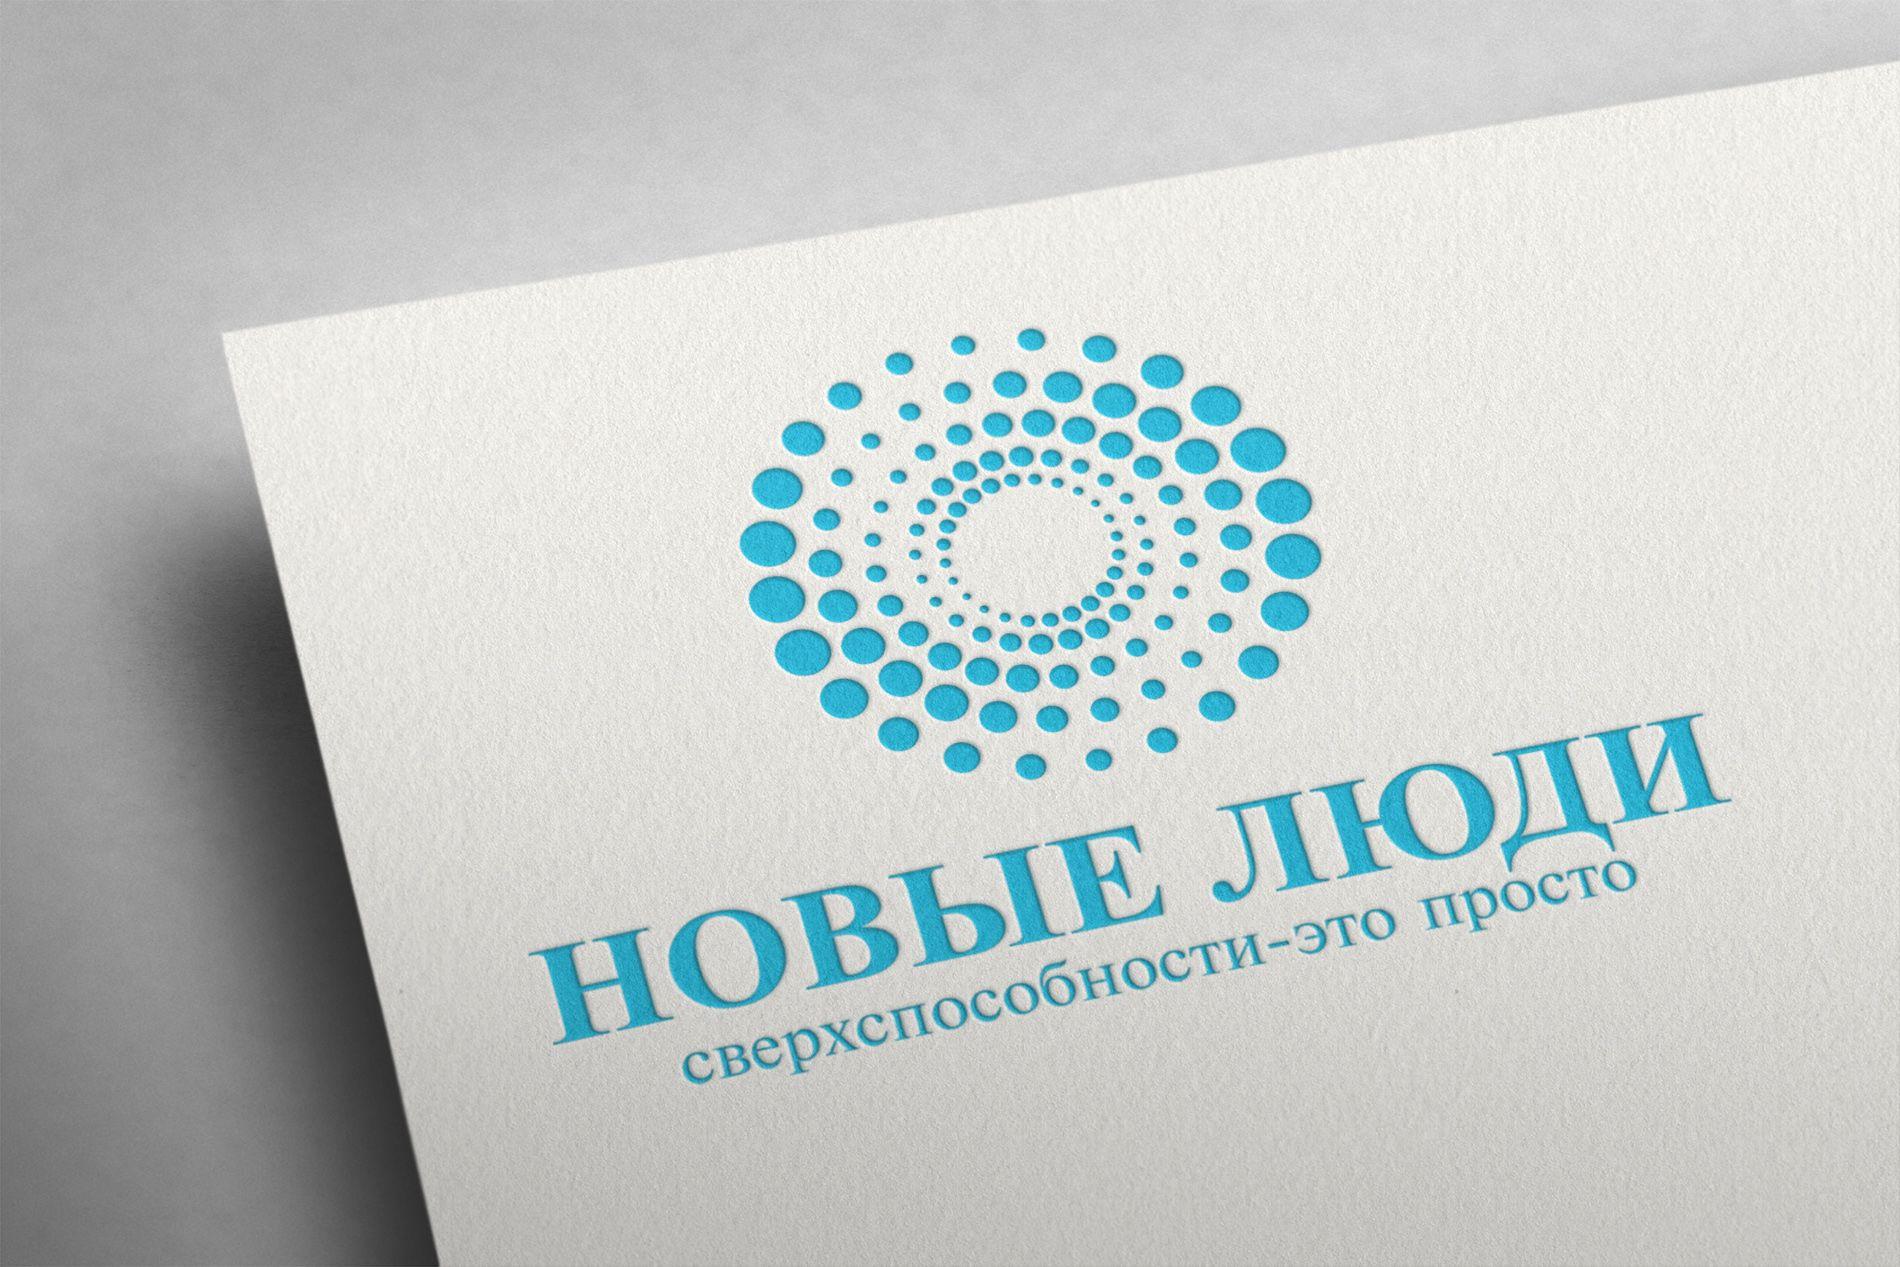 Лого и стиль тренингового центра/системы знаний - дизайнер La_persona